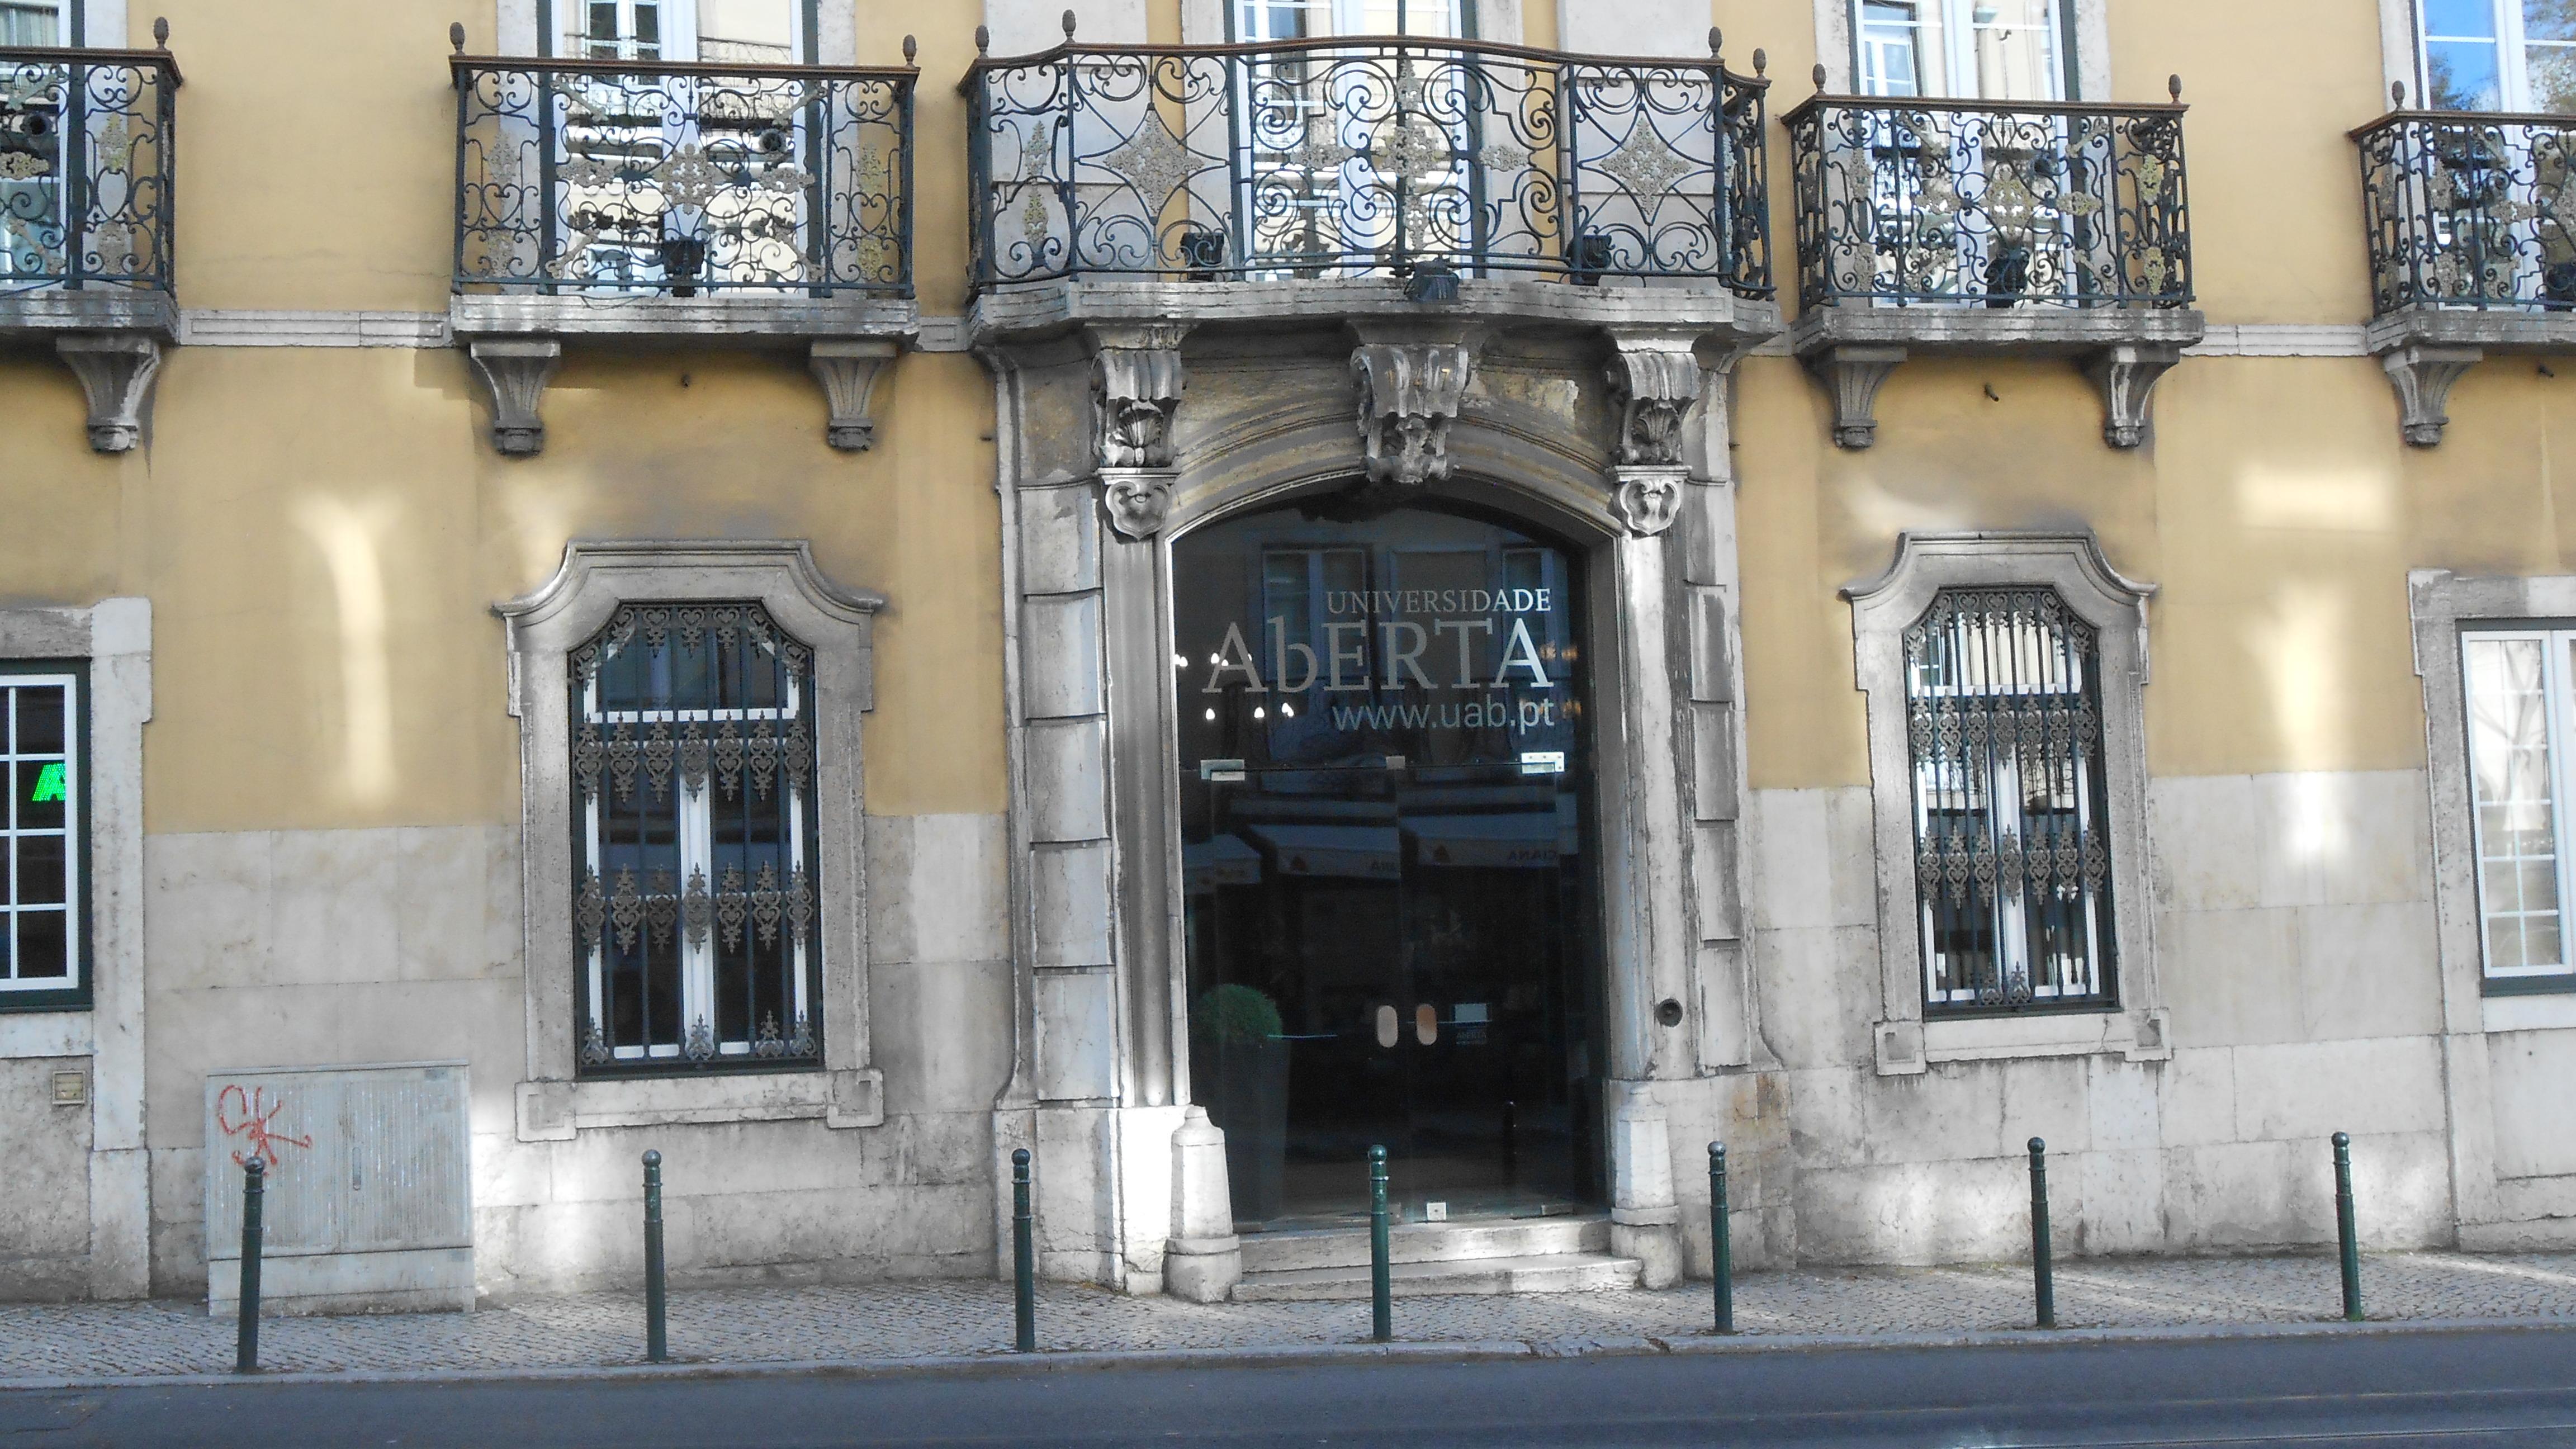 Universidade Pública Aberta de Portugal oferece Diversos Cursos Gratuitos